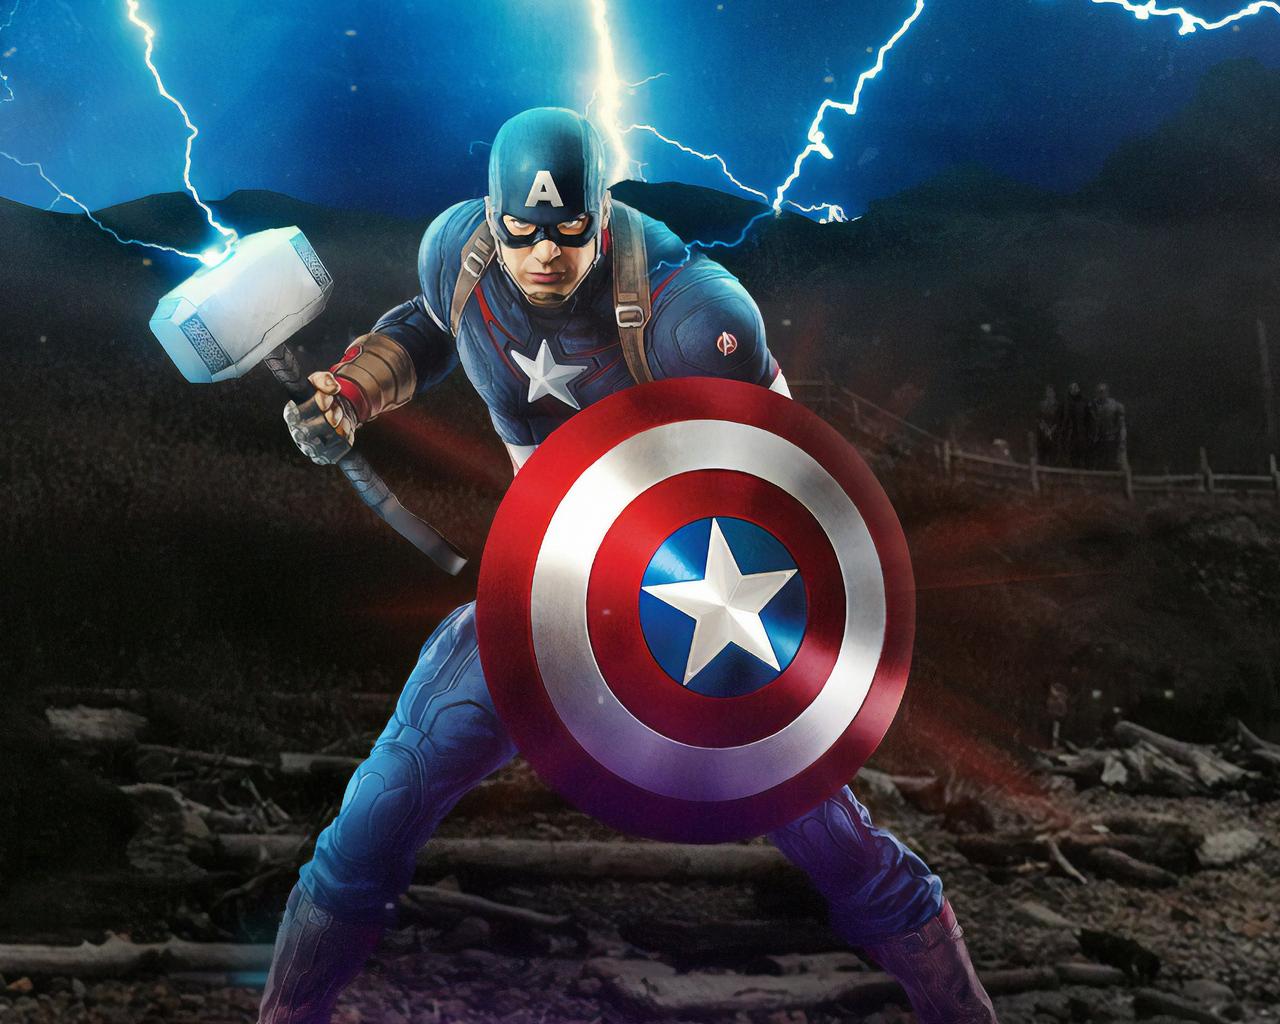 1280x1024 Captain America Mjolnir Avengers Endgame 4k ...